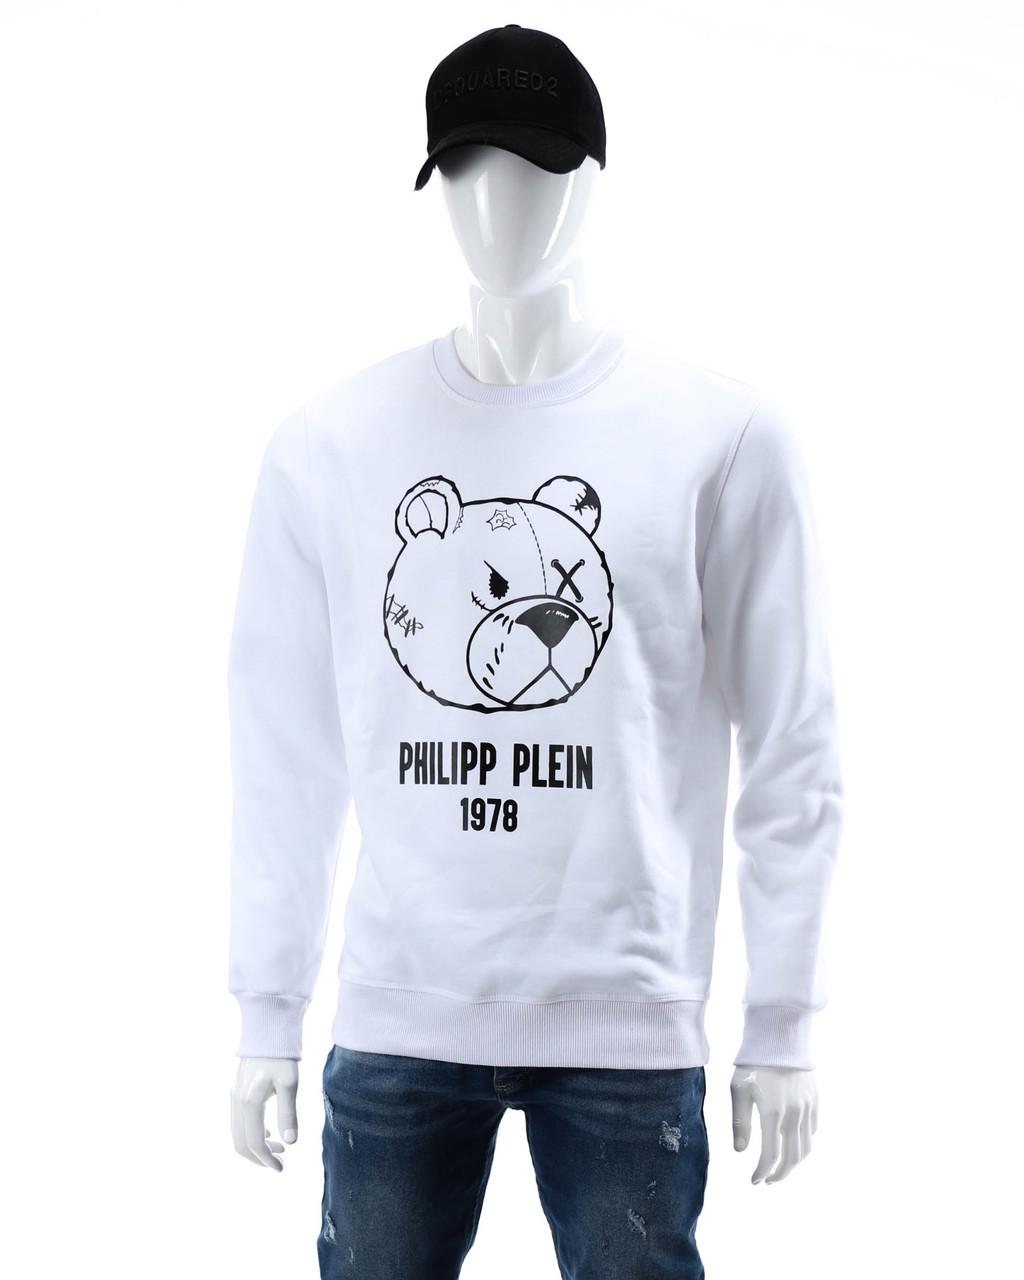 Свитшот осень-зима белый PHILIPP PLEIN с принтом Мишка WHT XXL(Р) 19-526-003